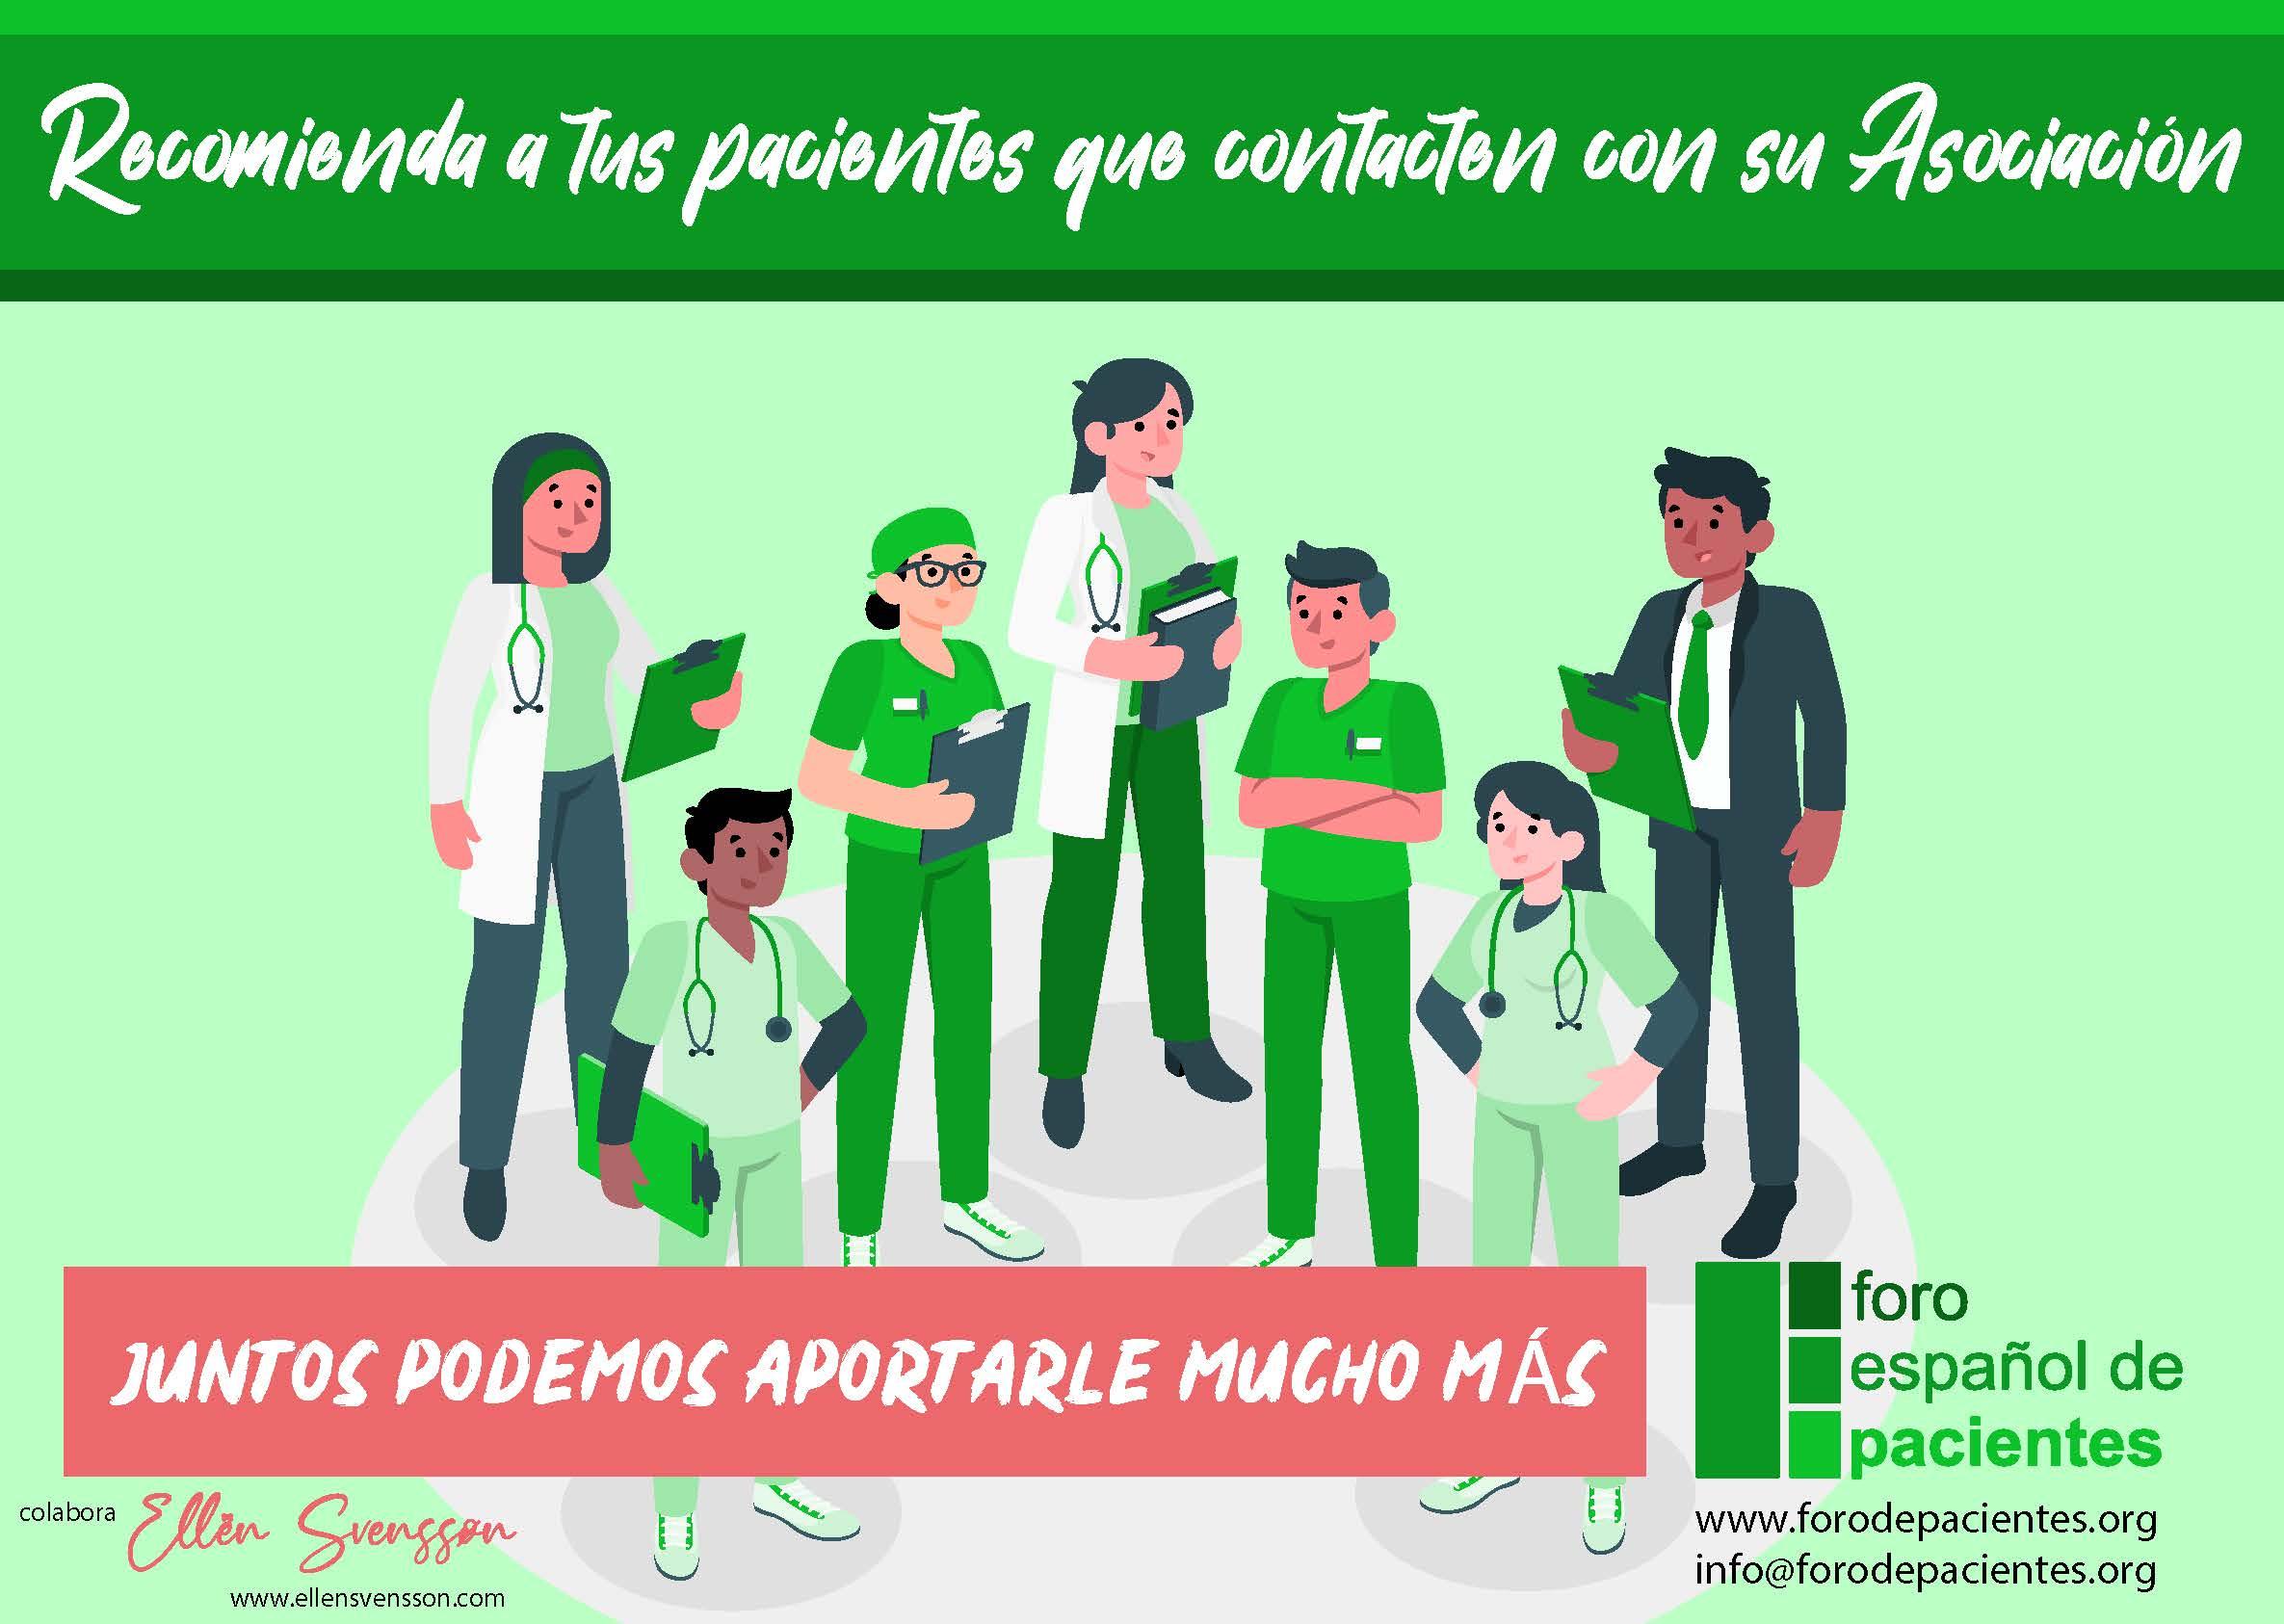 ecominda-a-tus-pacientes-que-contacten-con-su-Asociacion-Profesionales